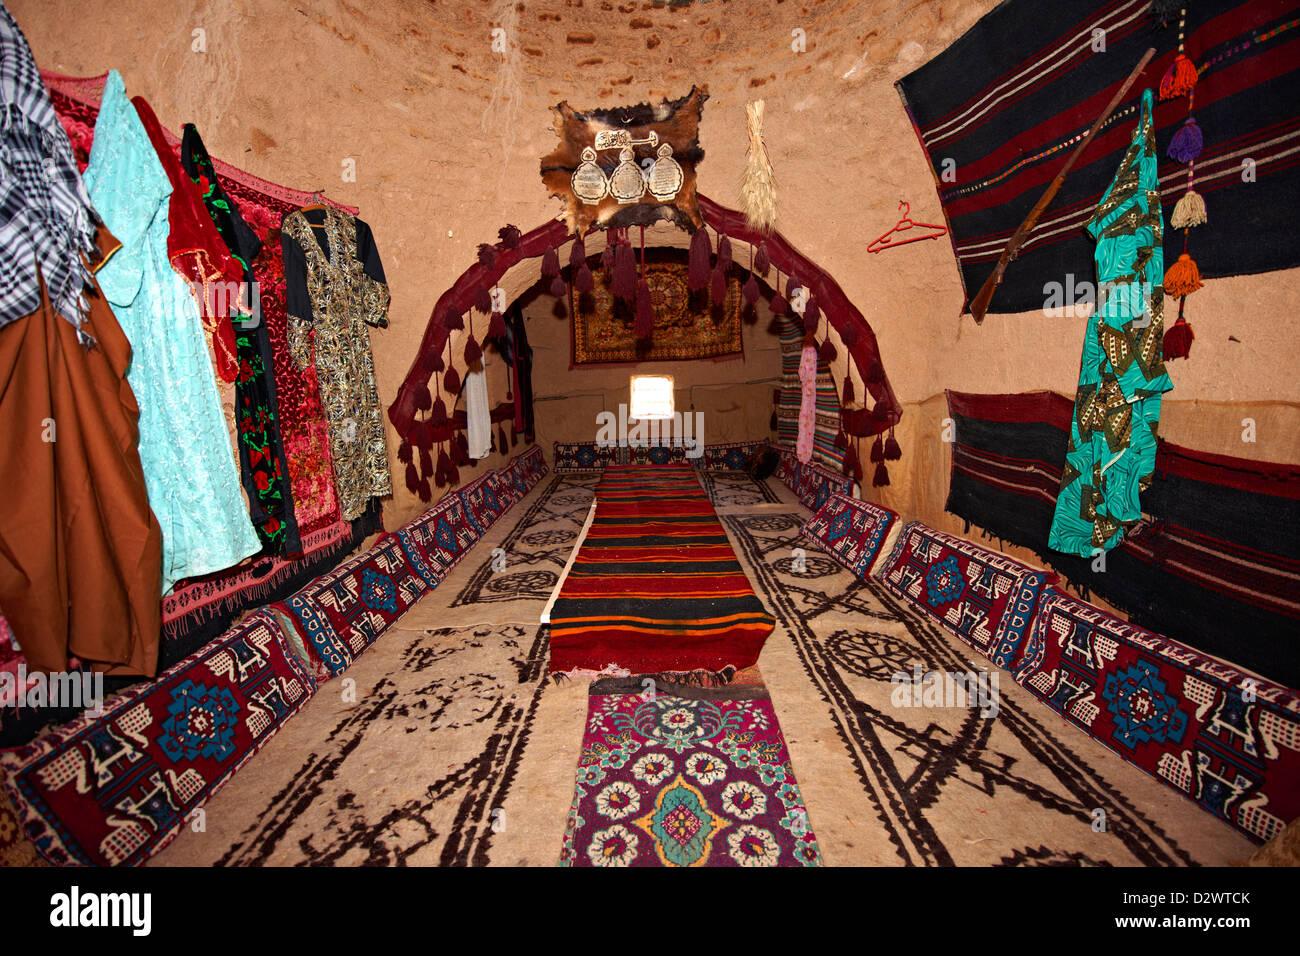 L'intérieur de bâtiments d'Harran adobe ruche, au sud-ouest de l'Anatolie, Photo Stock